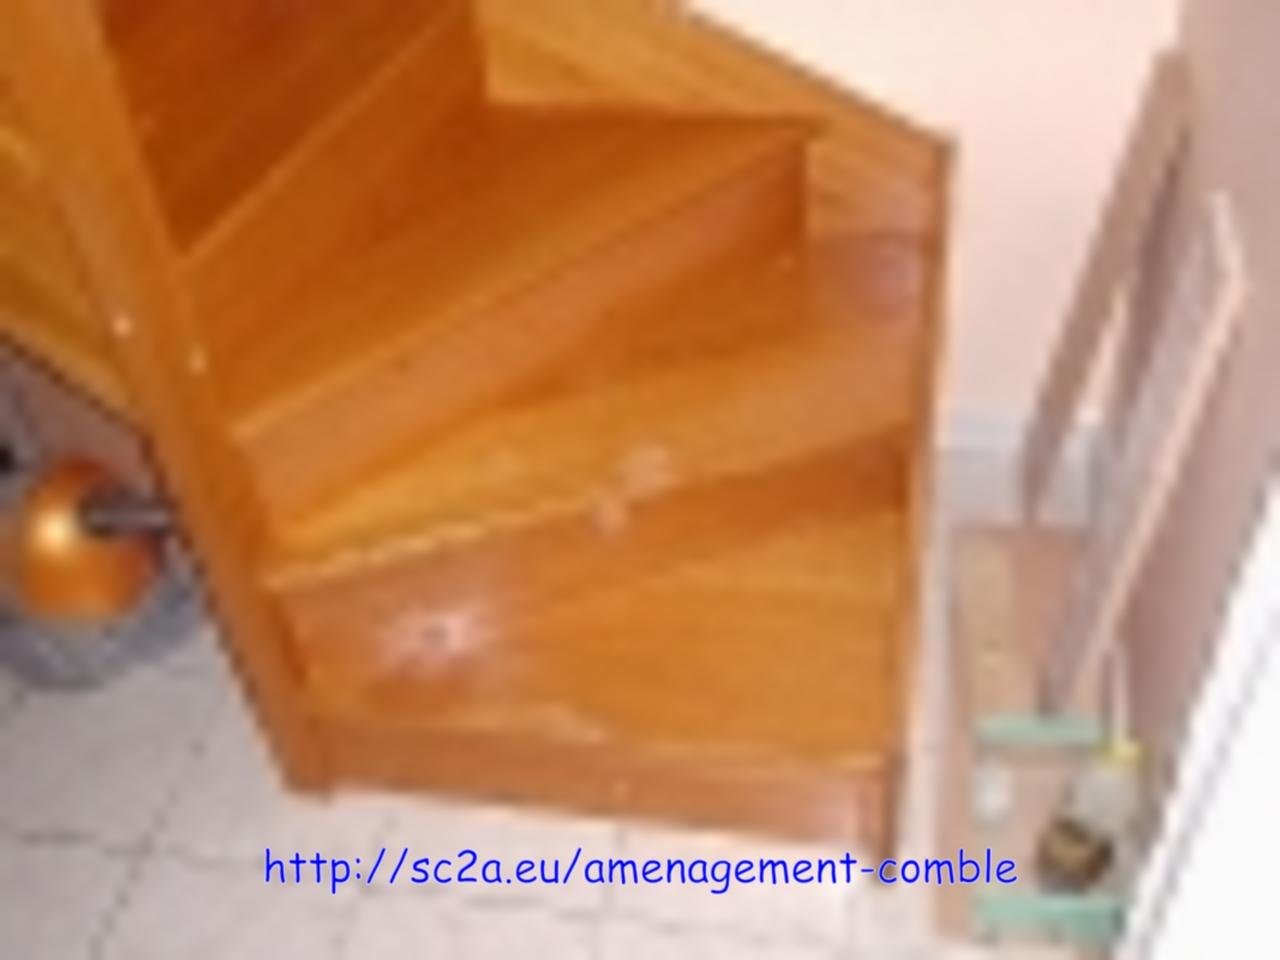 escalier installé provisoirement - escalier en kit 1